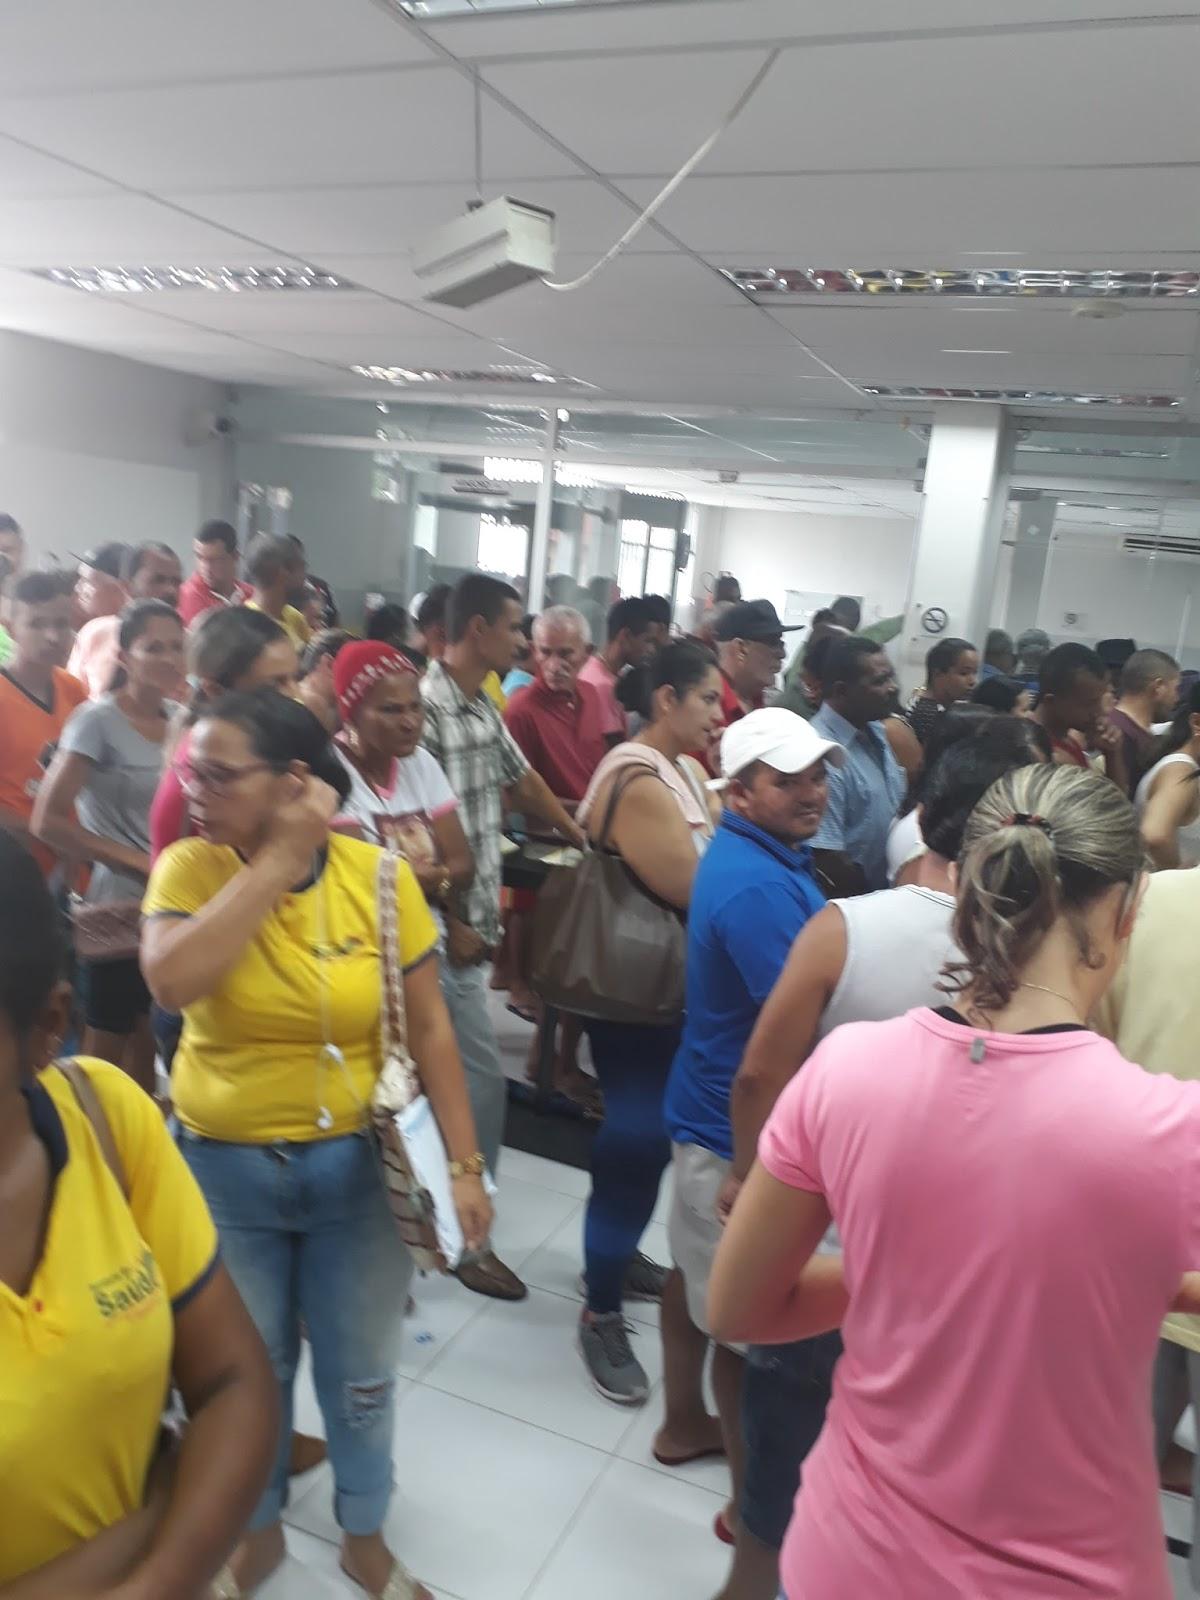 itarantim agora sacar dinheiro no banco do brasil de itarantim um verdadeiro desafio